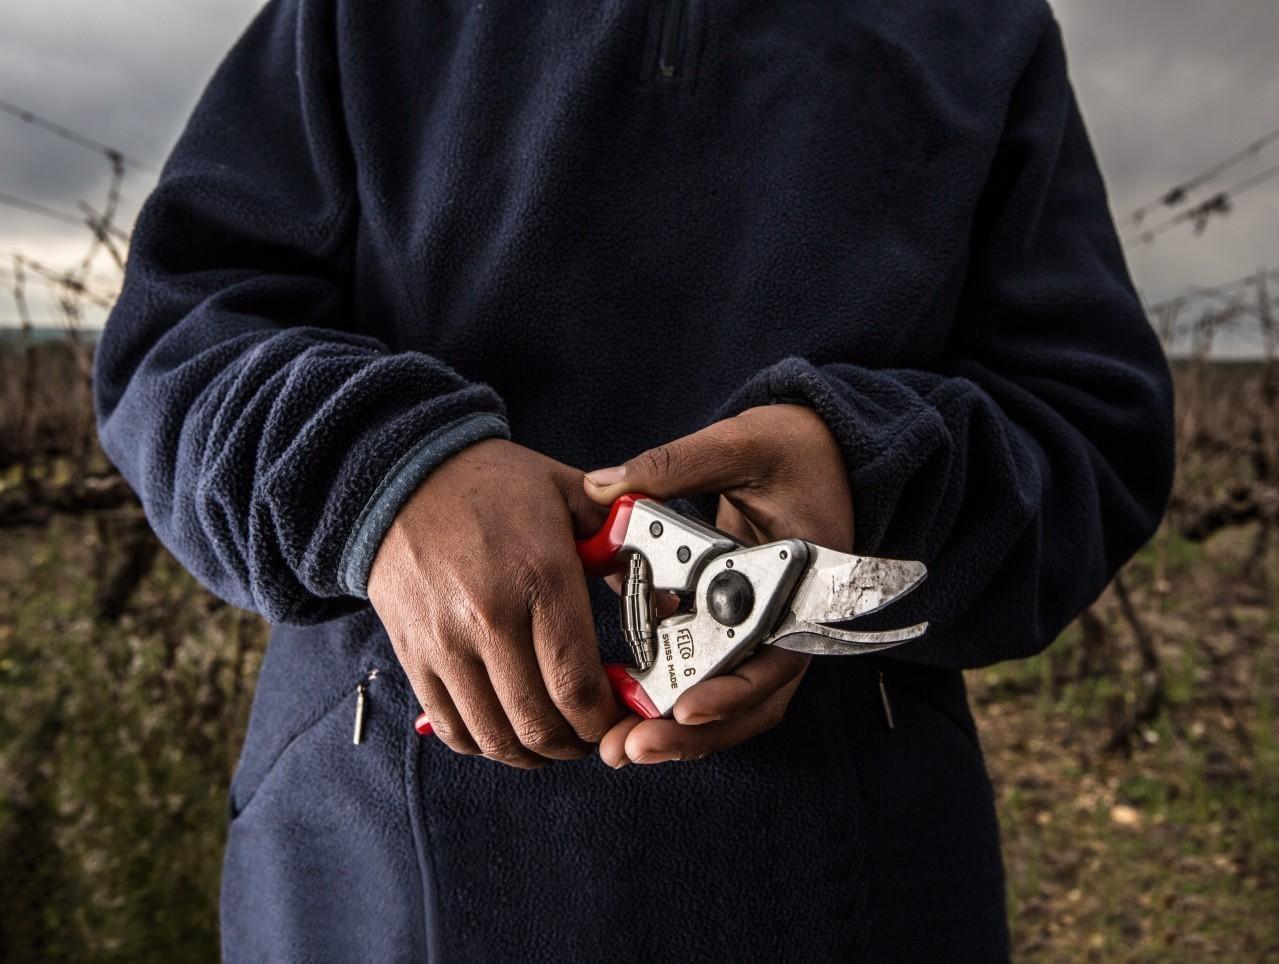 FELCO 16 Left-Handed Pruning Shear (Ergonomic)